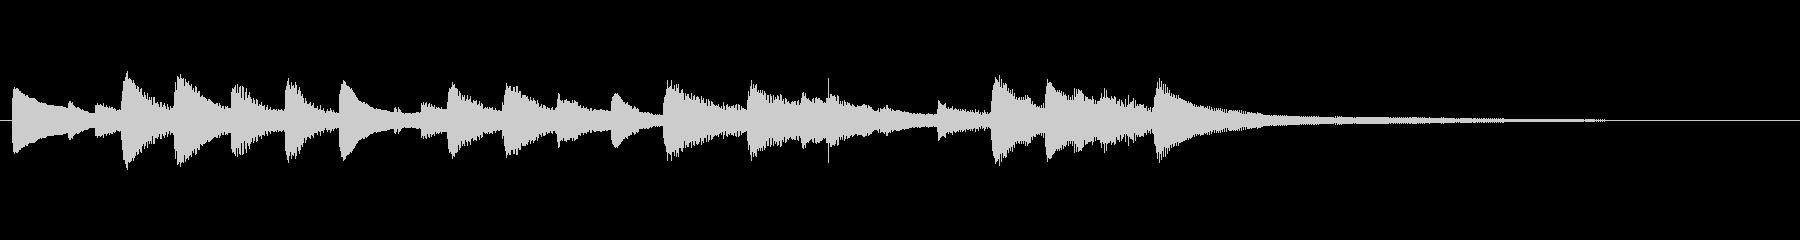 爽やかなピアノのオープニングジングル2の未再生の波形